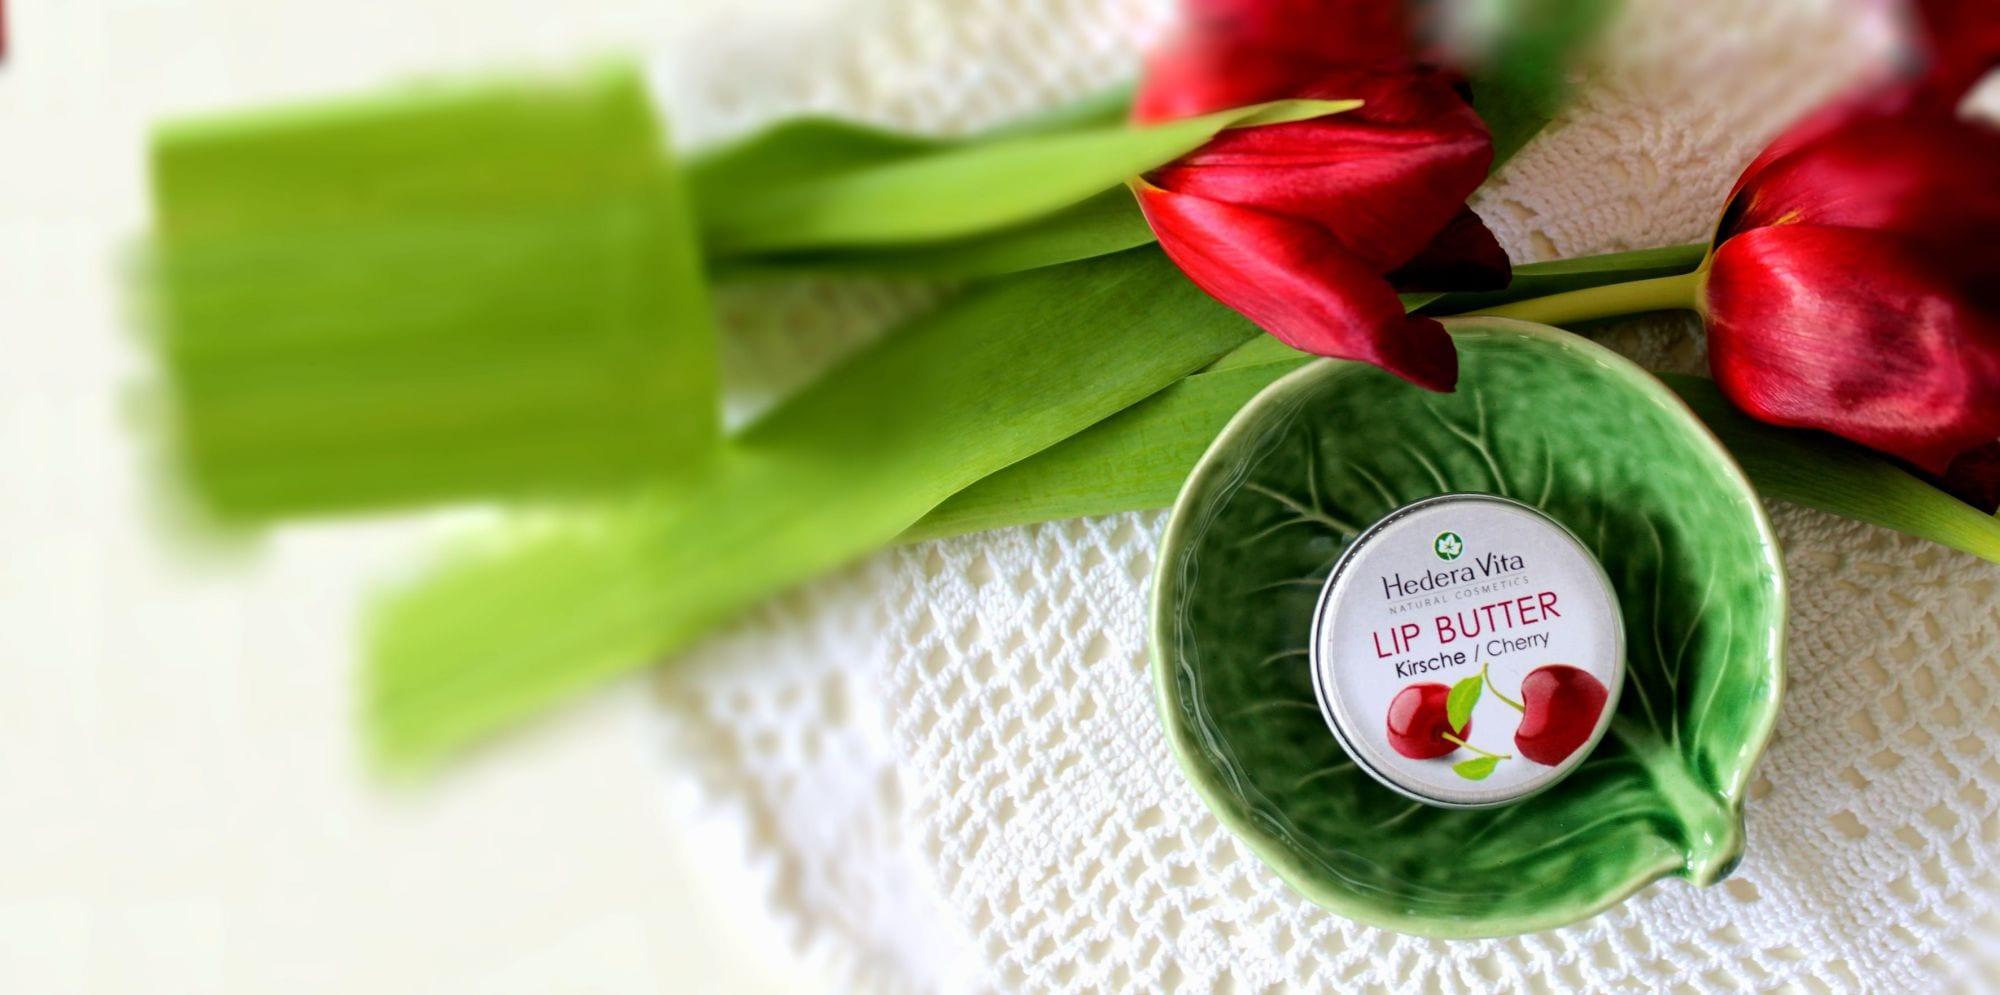 LipButter Krische in Schale mit Tulpen